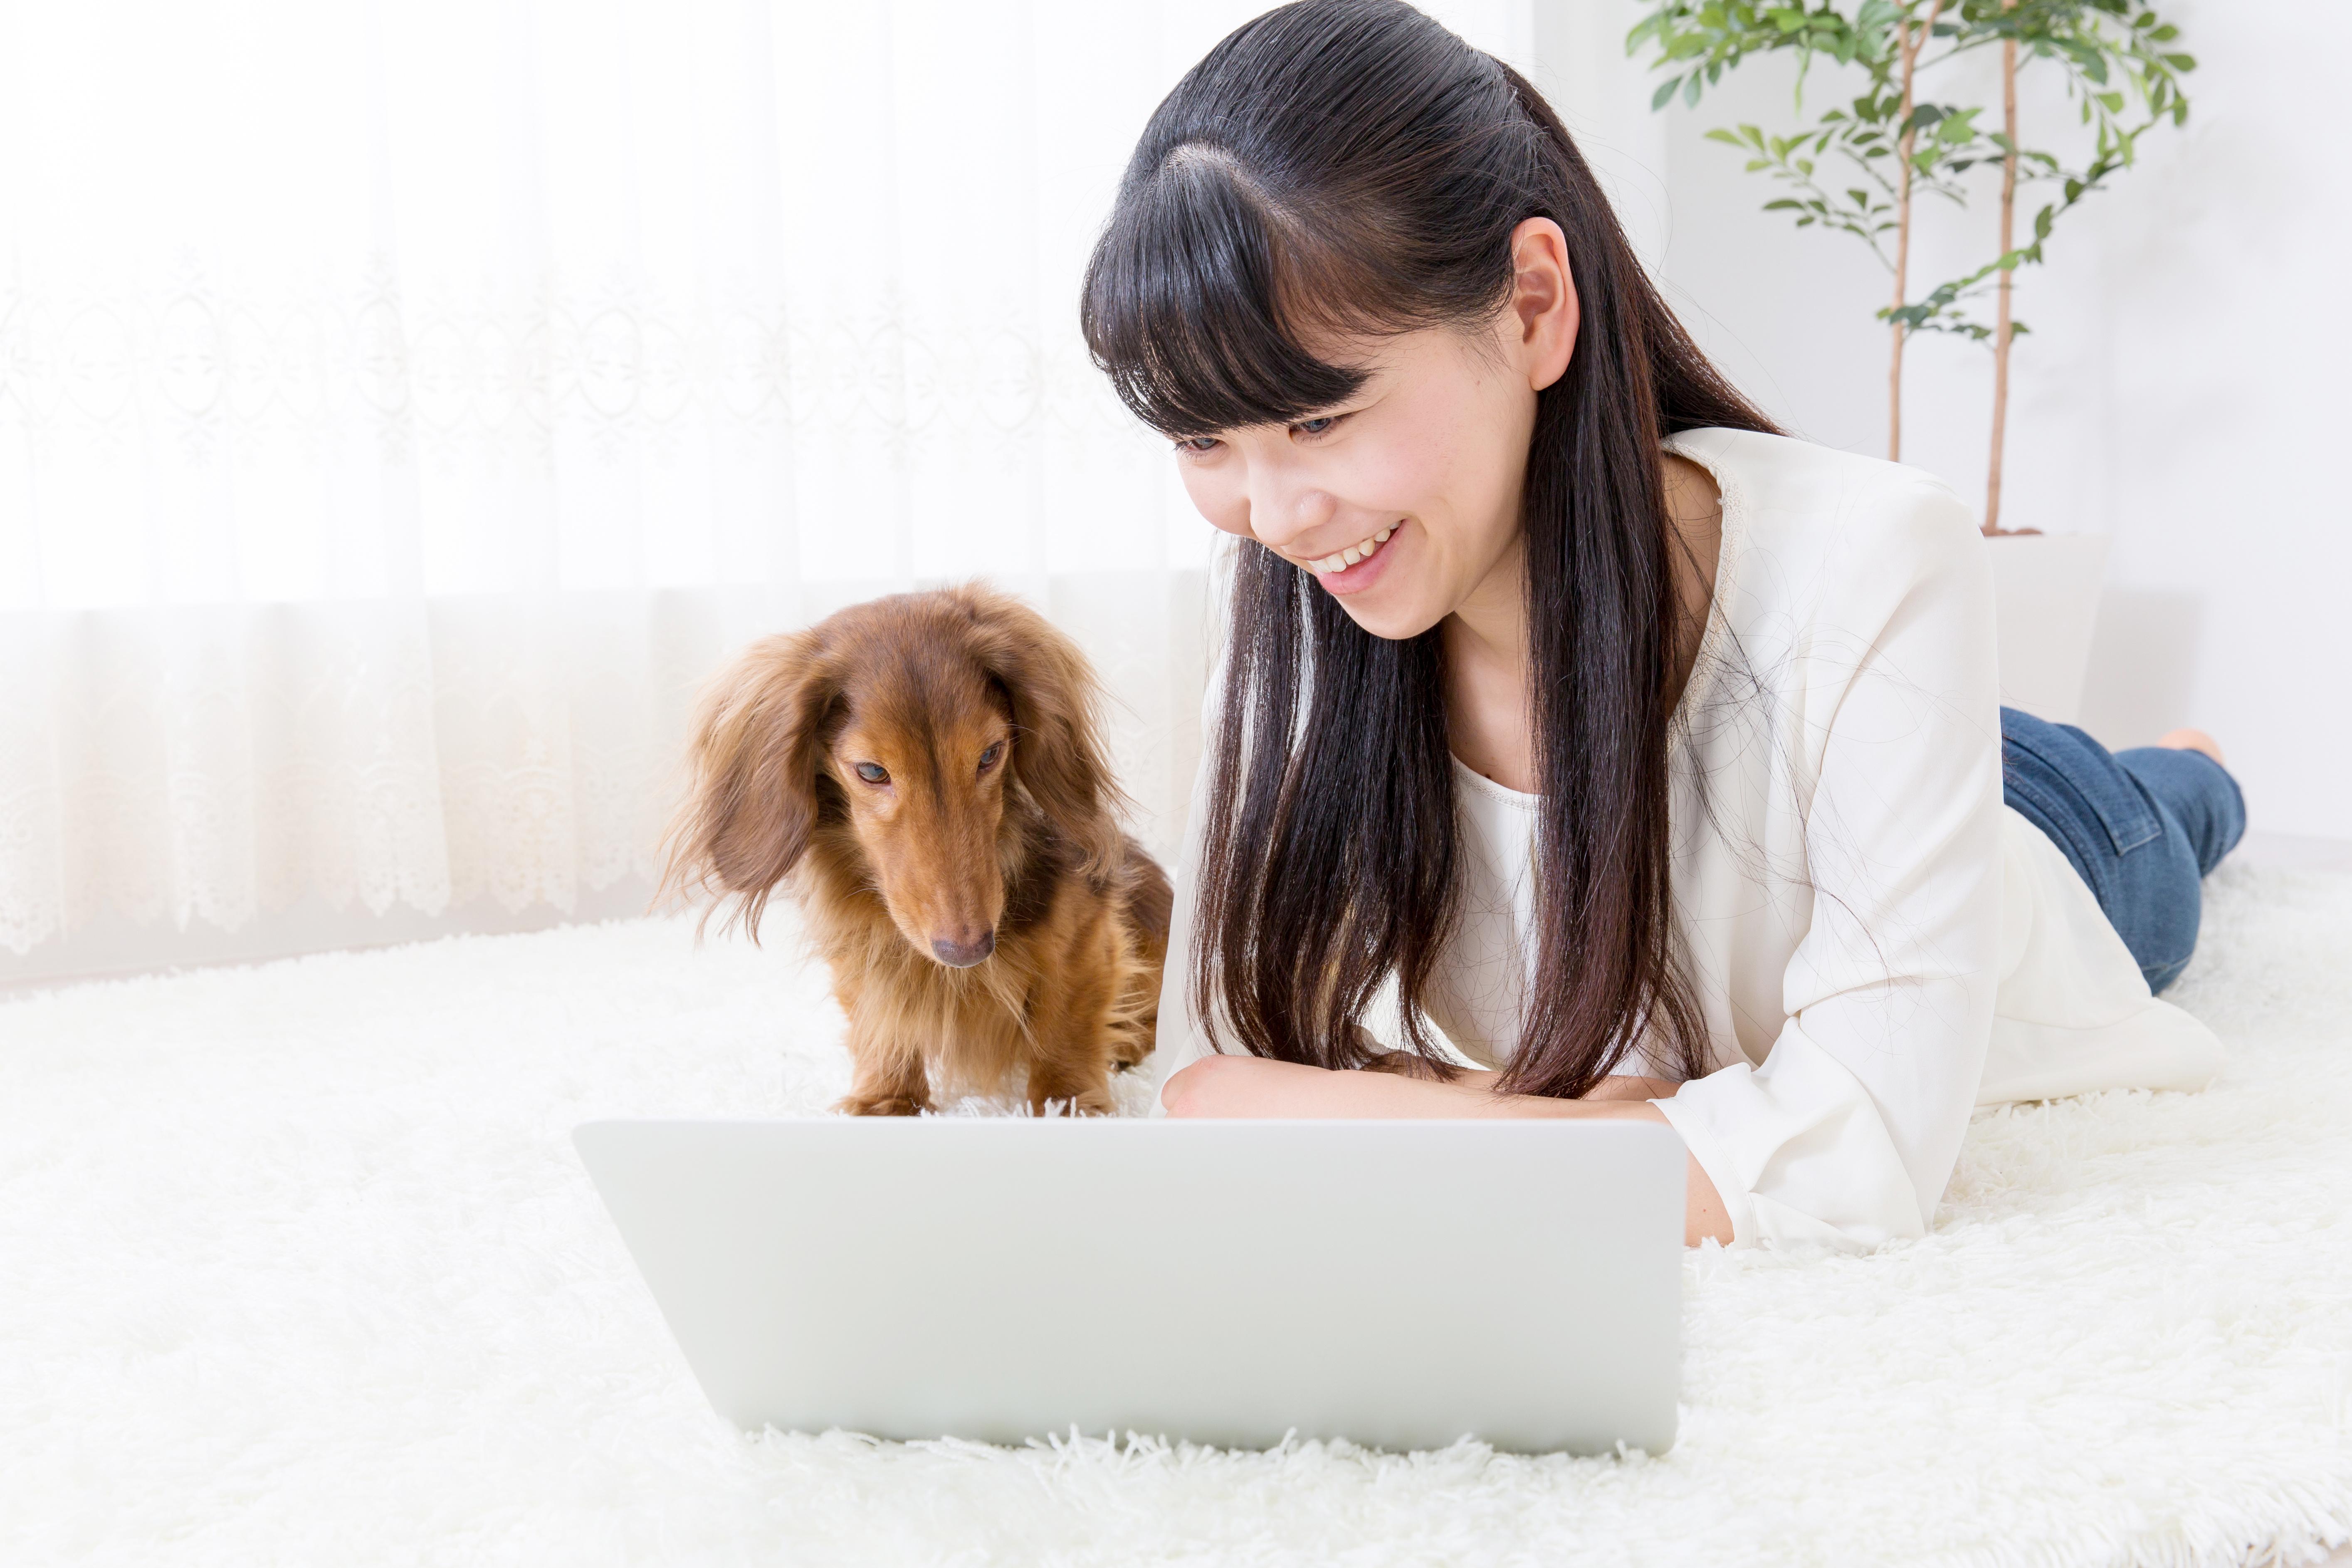 11月1日は犬の日。犬の日の由来って何?犬の日には愛犬とこんなことをしたい!